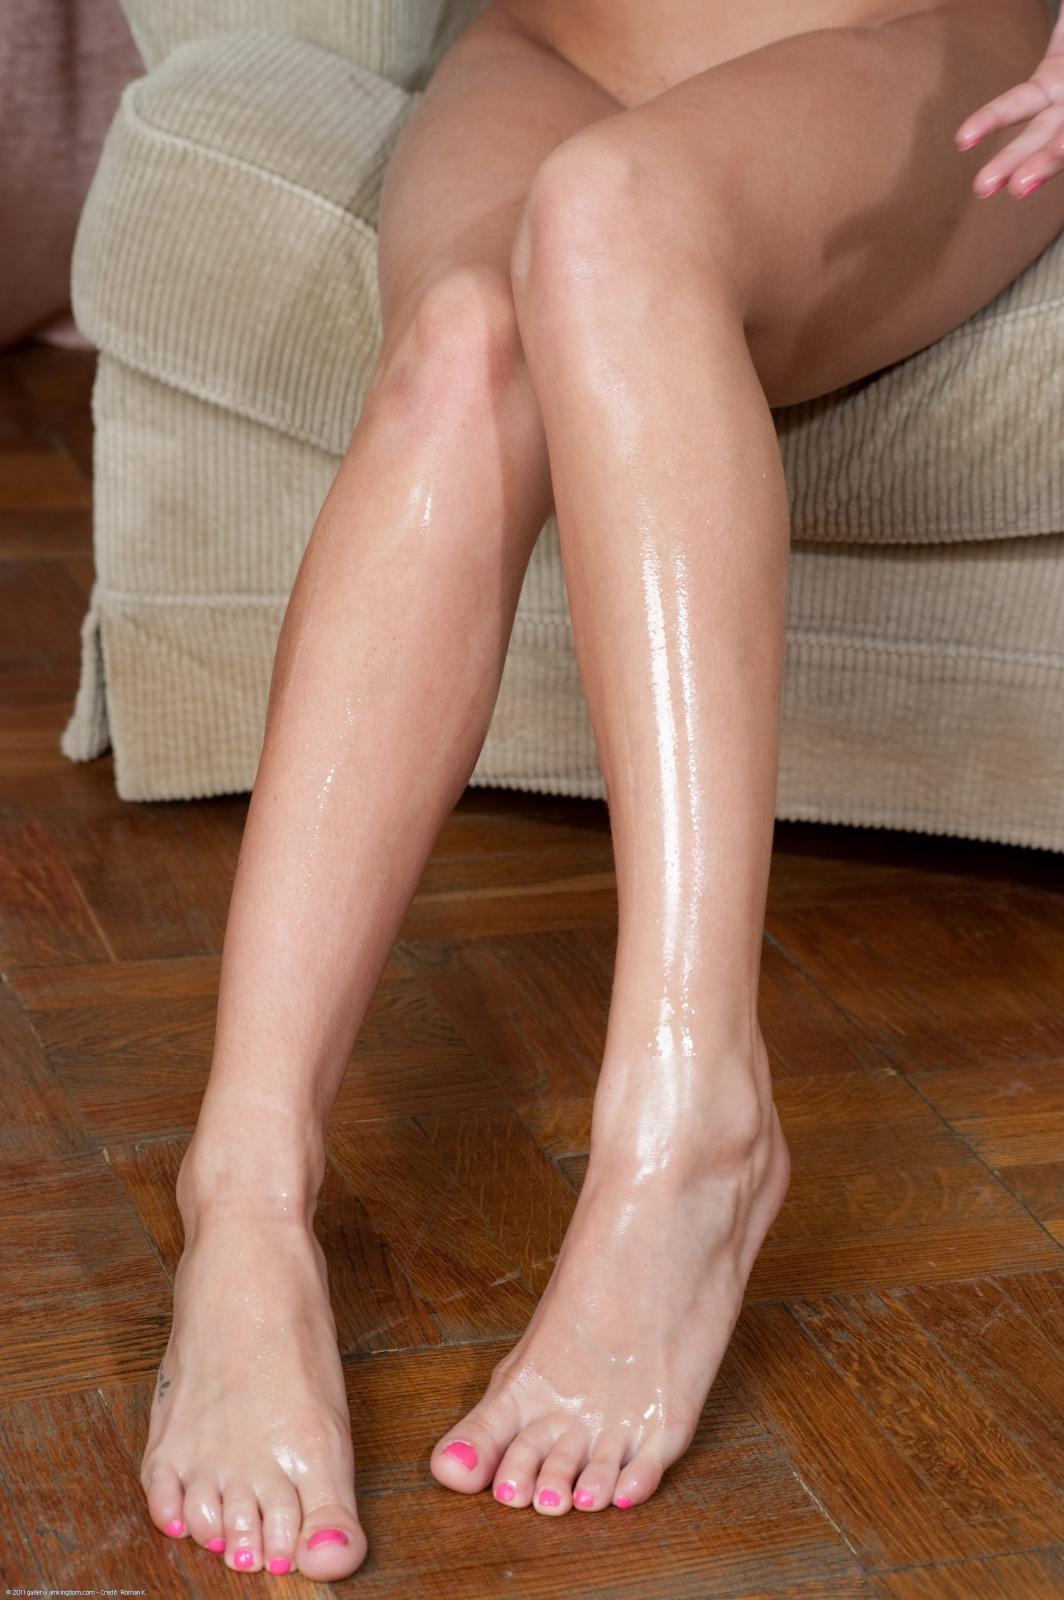 Раскованная блондиночка стаскивает стринги на камеру, показывая свои ухоженные ножки и прекрасные стопы